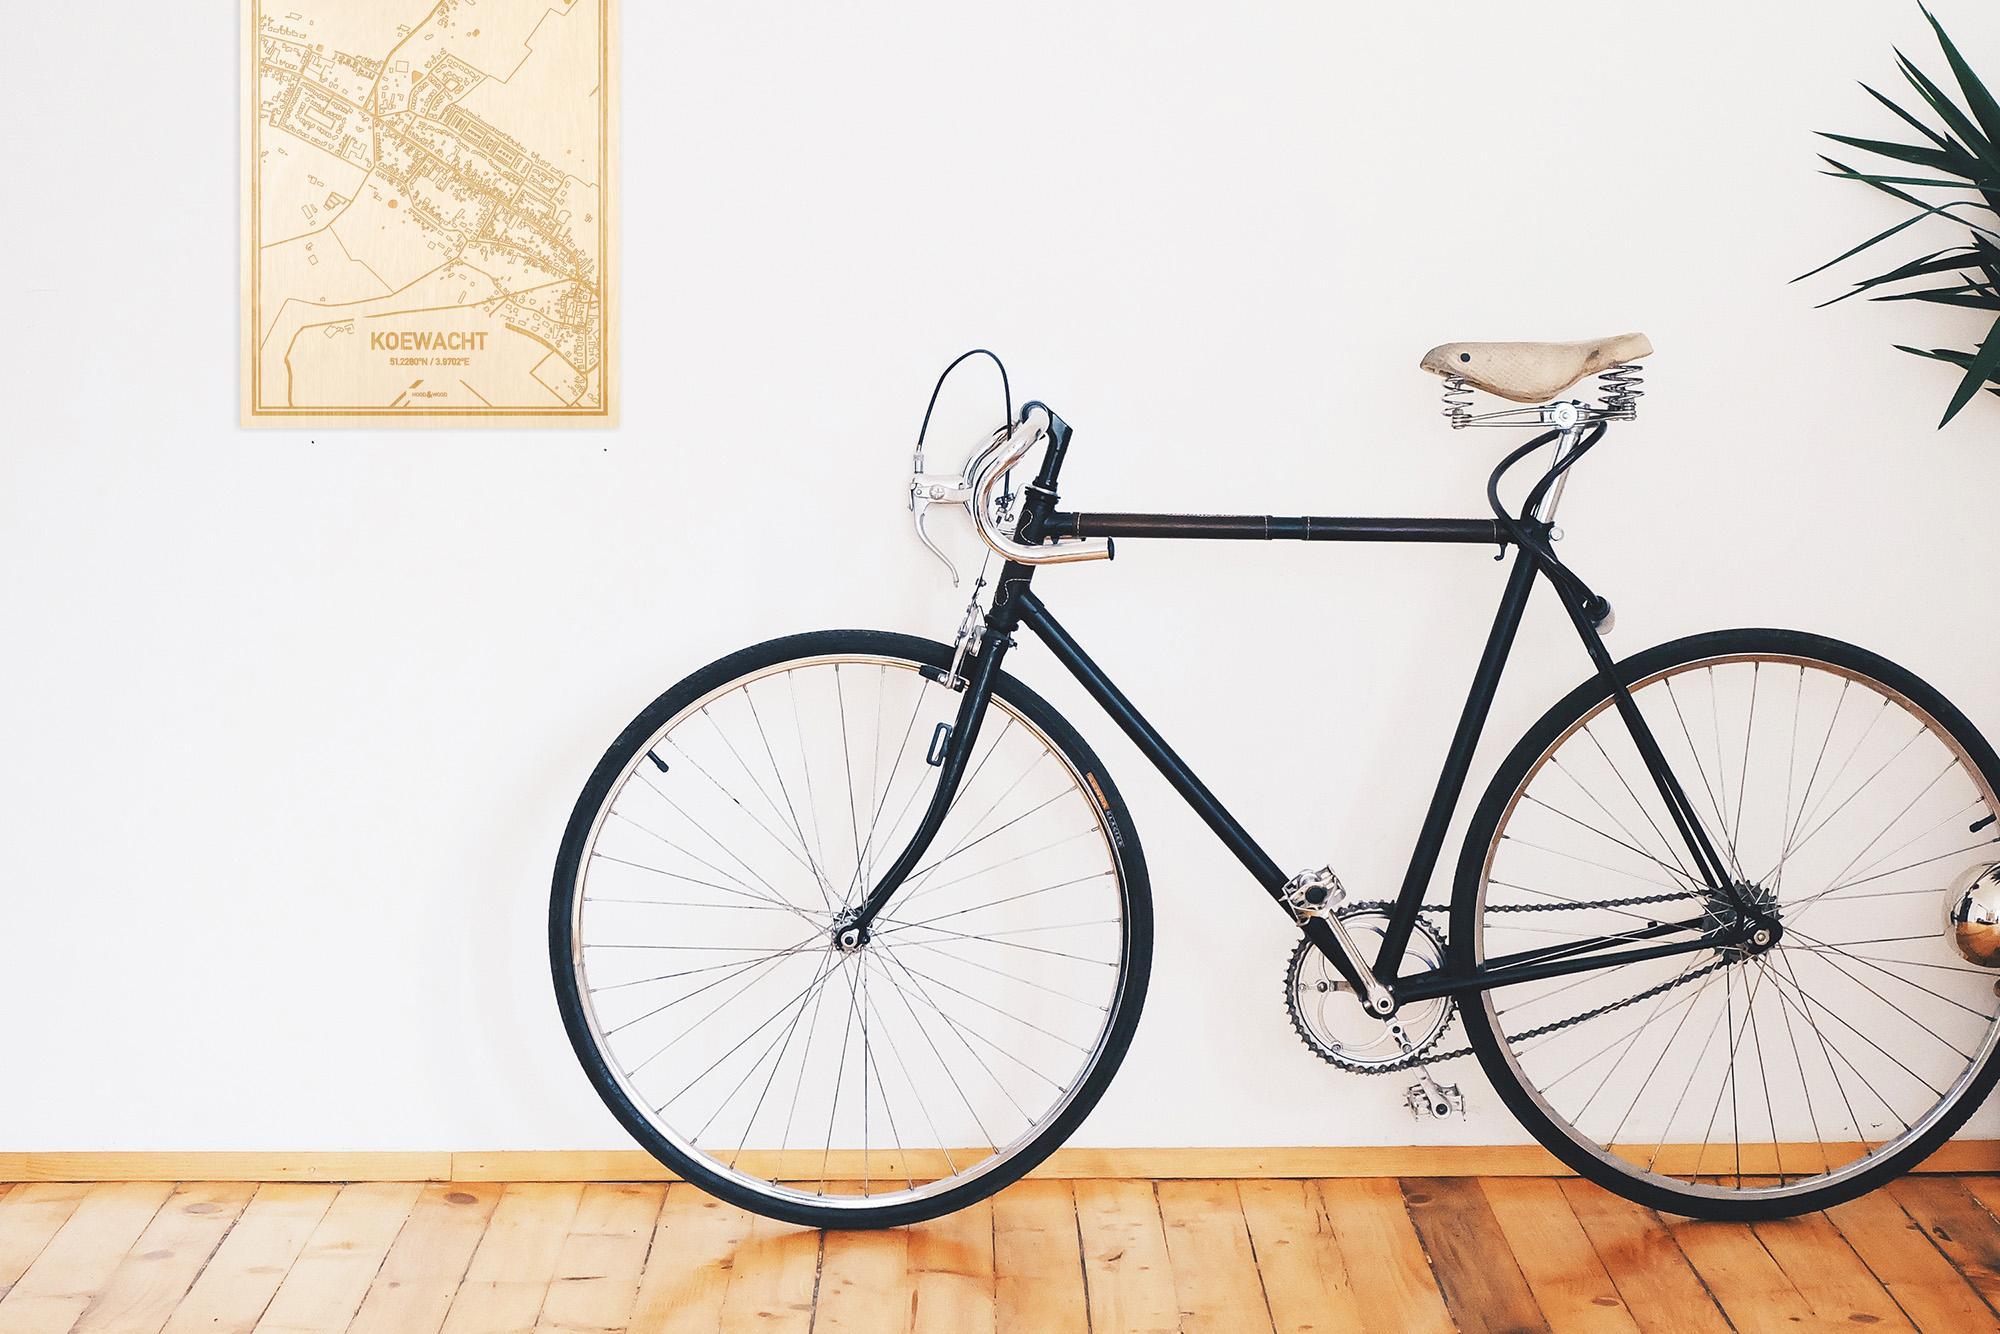 Een snelle fiets in een uniek interieur in Zeeland met mooie decoratie zoals de plattegrond Koewacht.